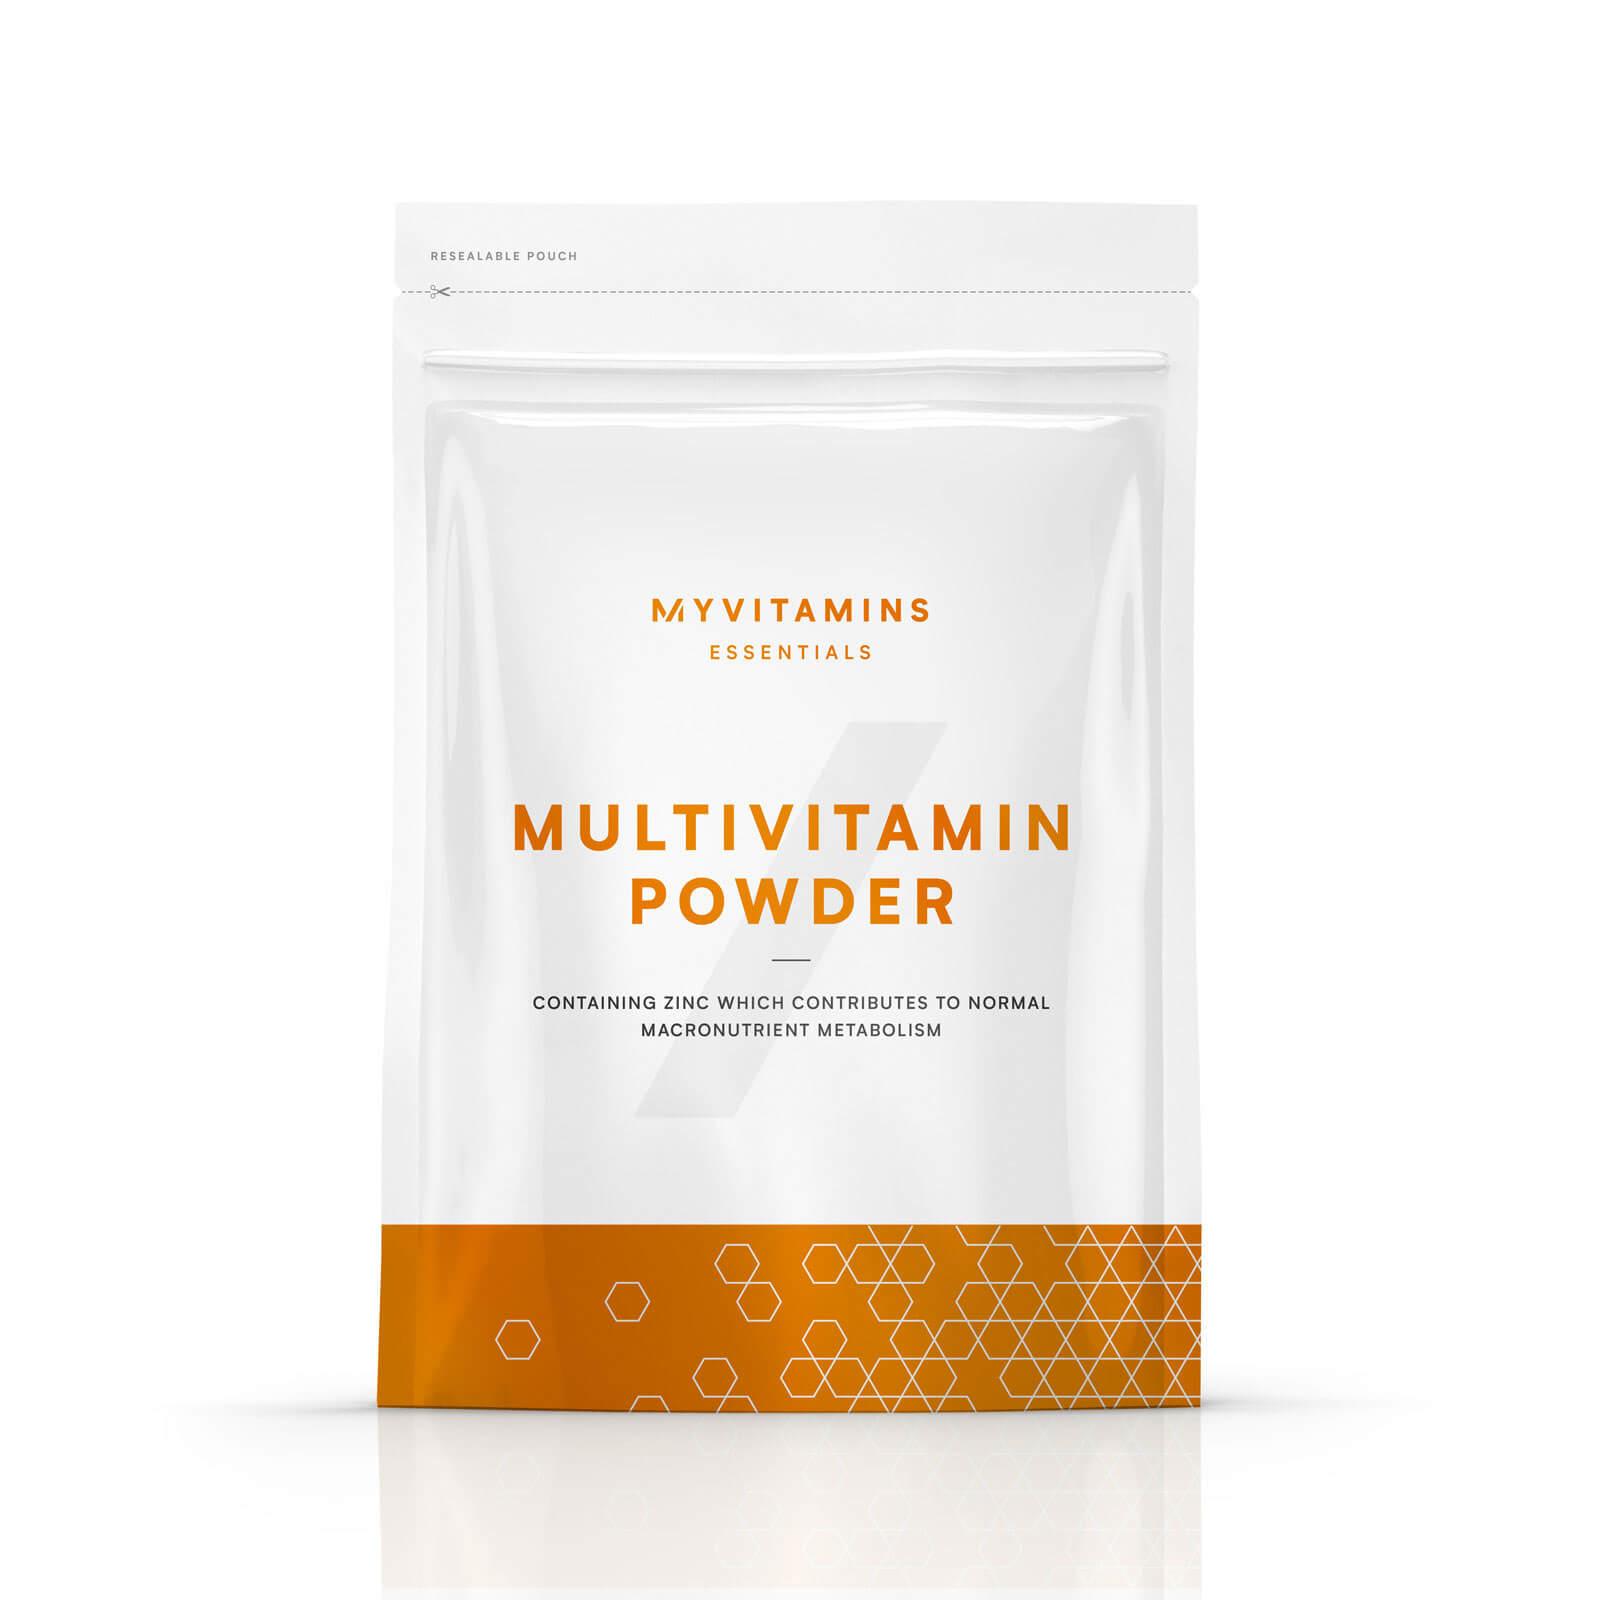 Myprotein Multi Vitamin Powder - 100g